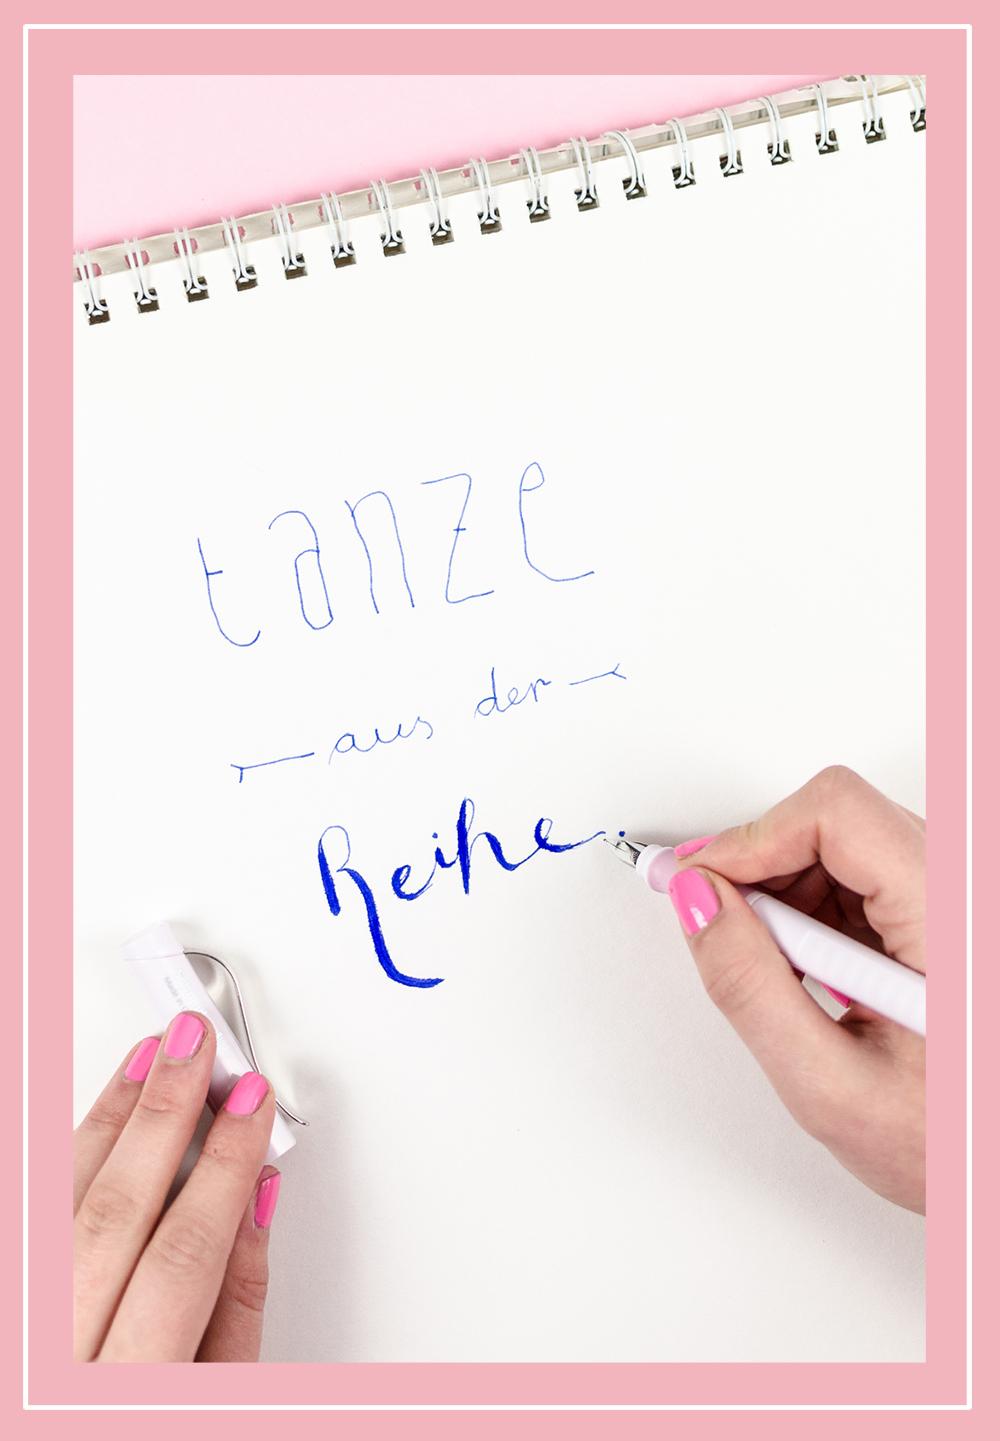 andysparkles-Einsteigertipps für Handlettering-Schneider Schreibgeräte-Base rose